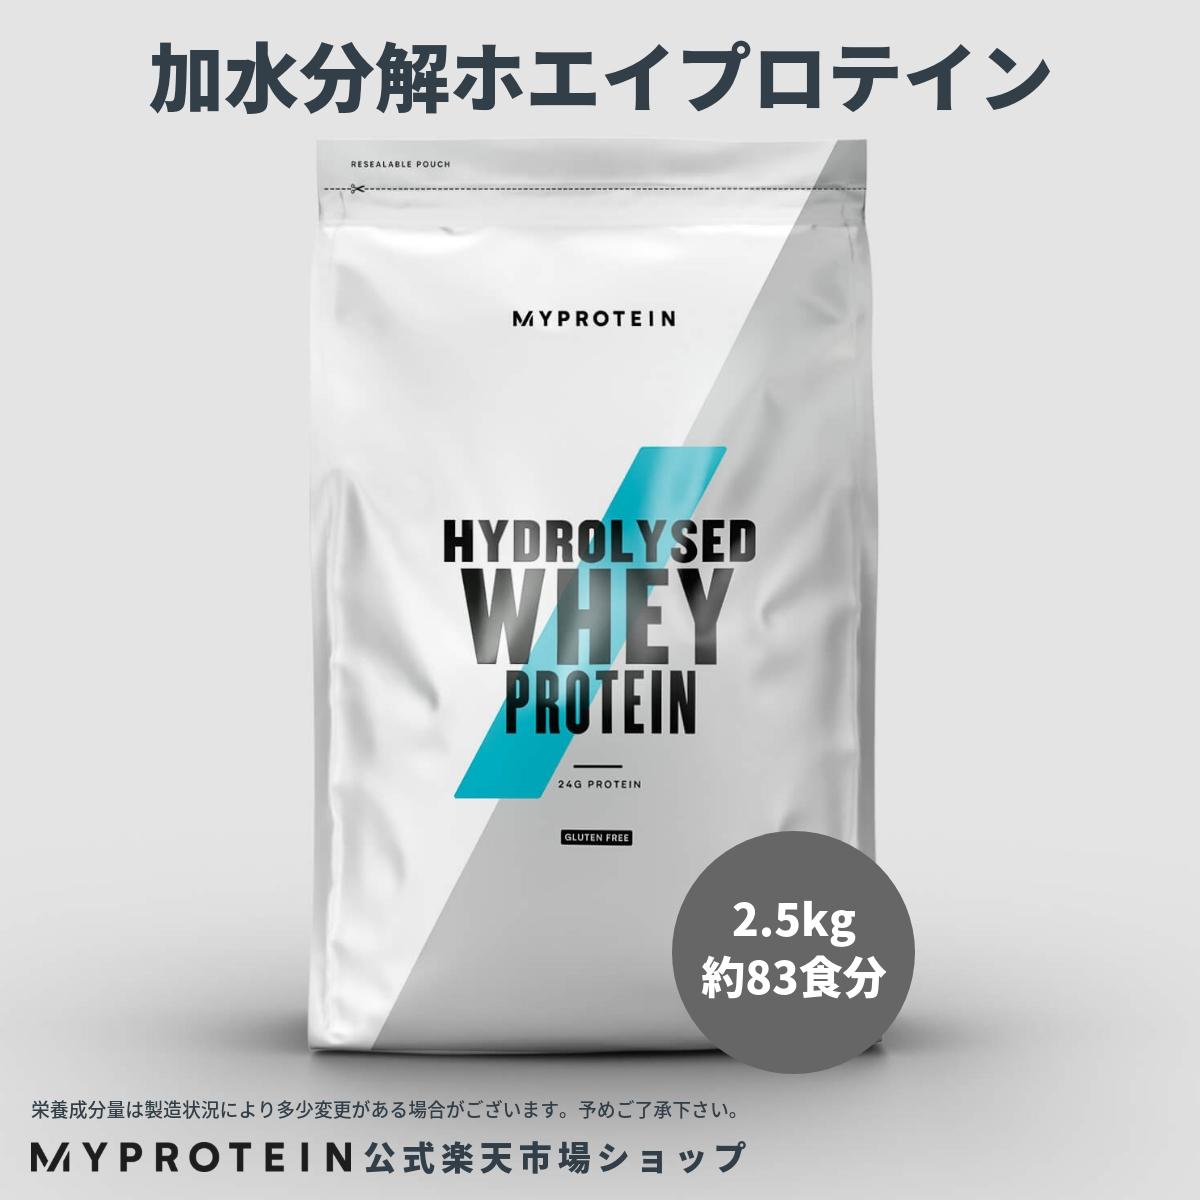 マイプロテイン 公式 【MyProtein】 加水分解 ホエイプロテイン(ハイドロプロテイン) 2.5kg 約83食分| プロテイン ホエイ 減量 ダイエット 筋トレ  バルクアップ ボディーメイク  酵素 アミノ酸【海外直送】